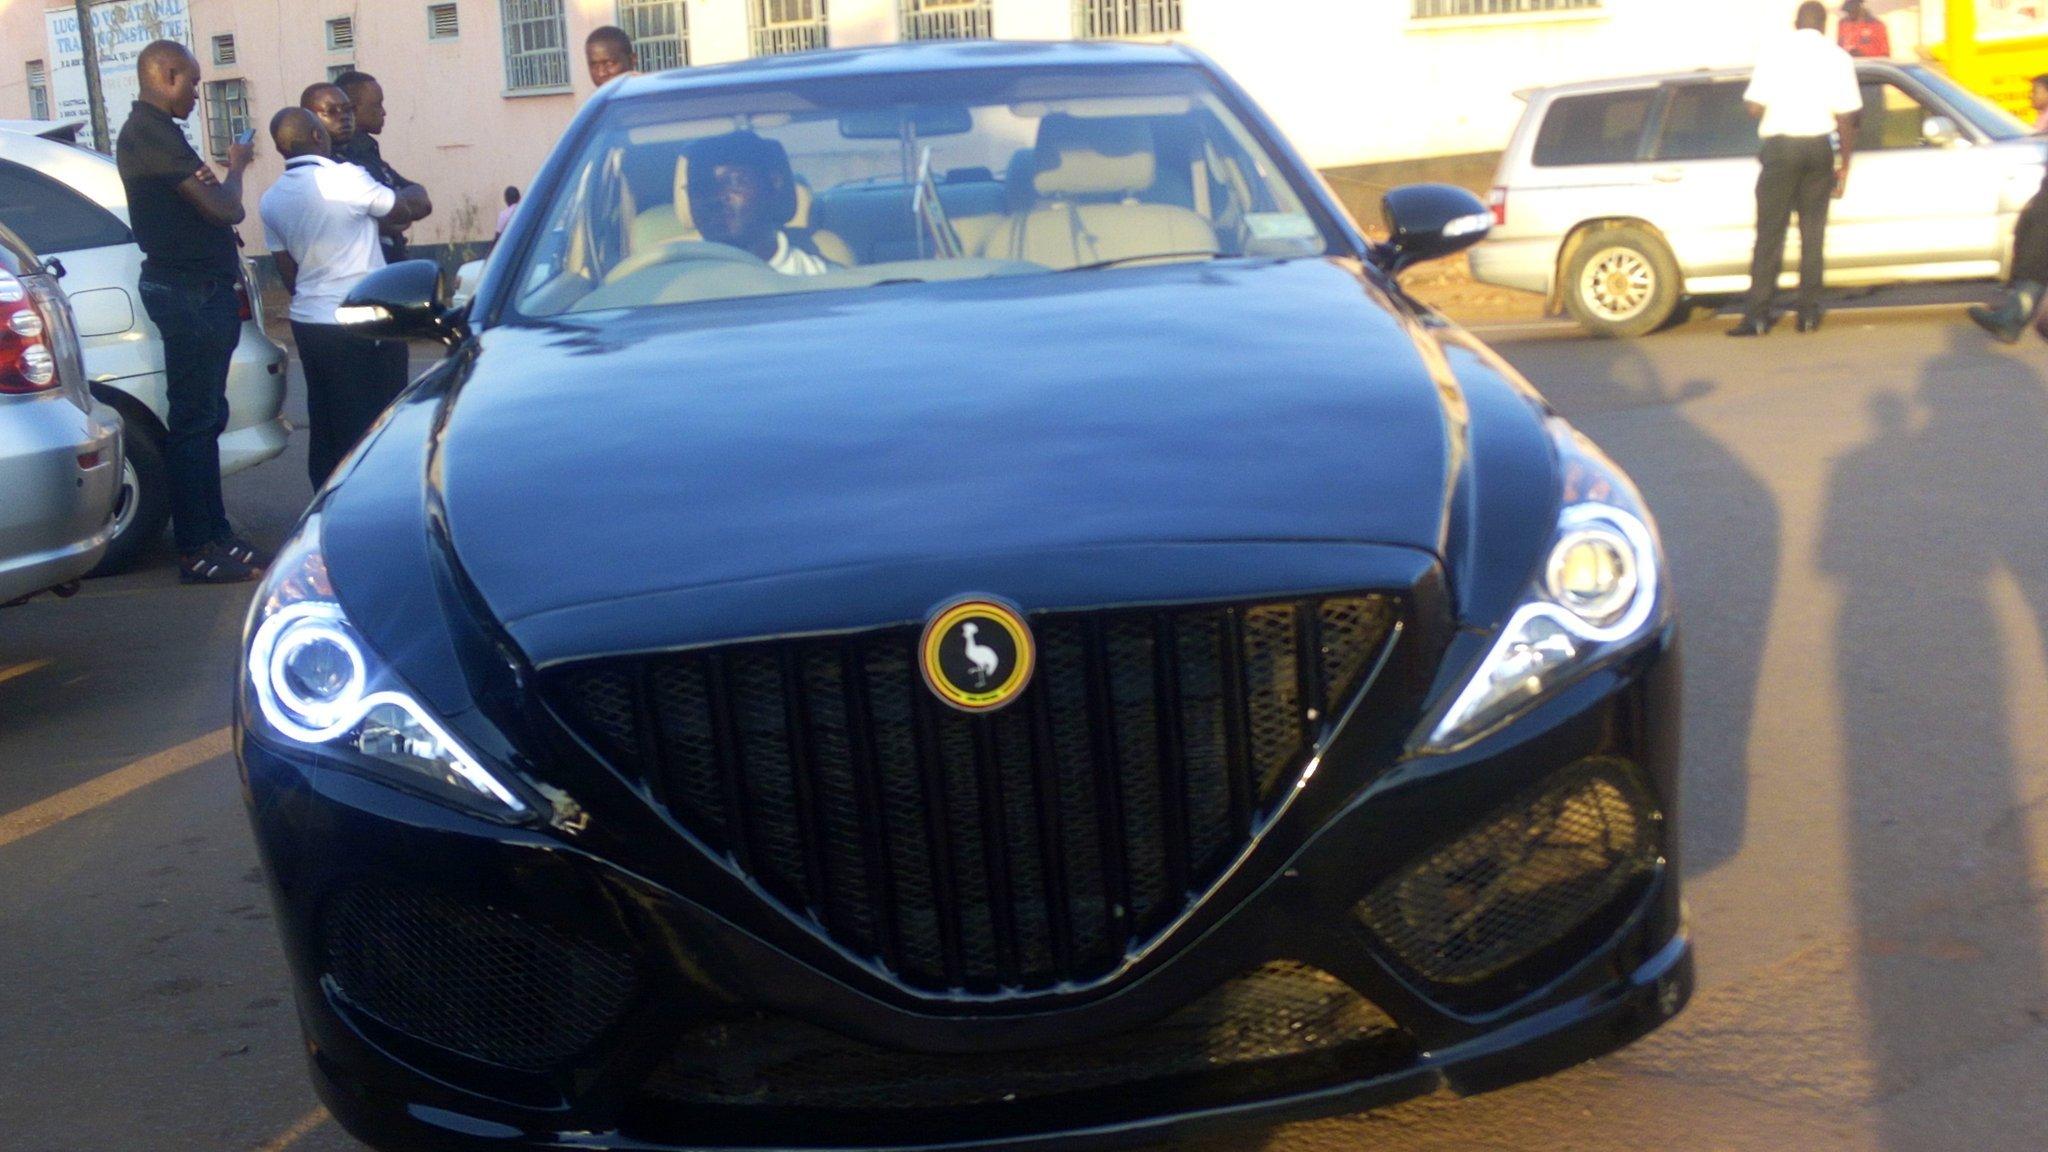 KiiraEVS Car Released. Estimated at 95 Million